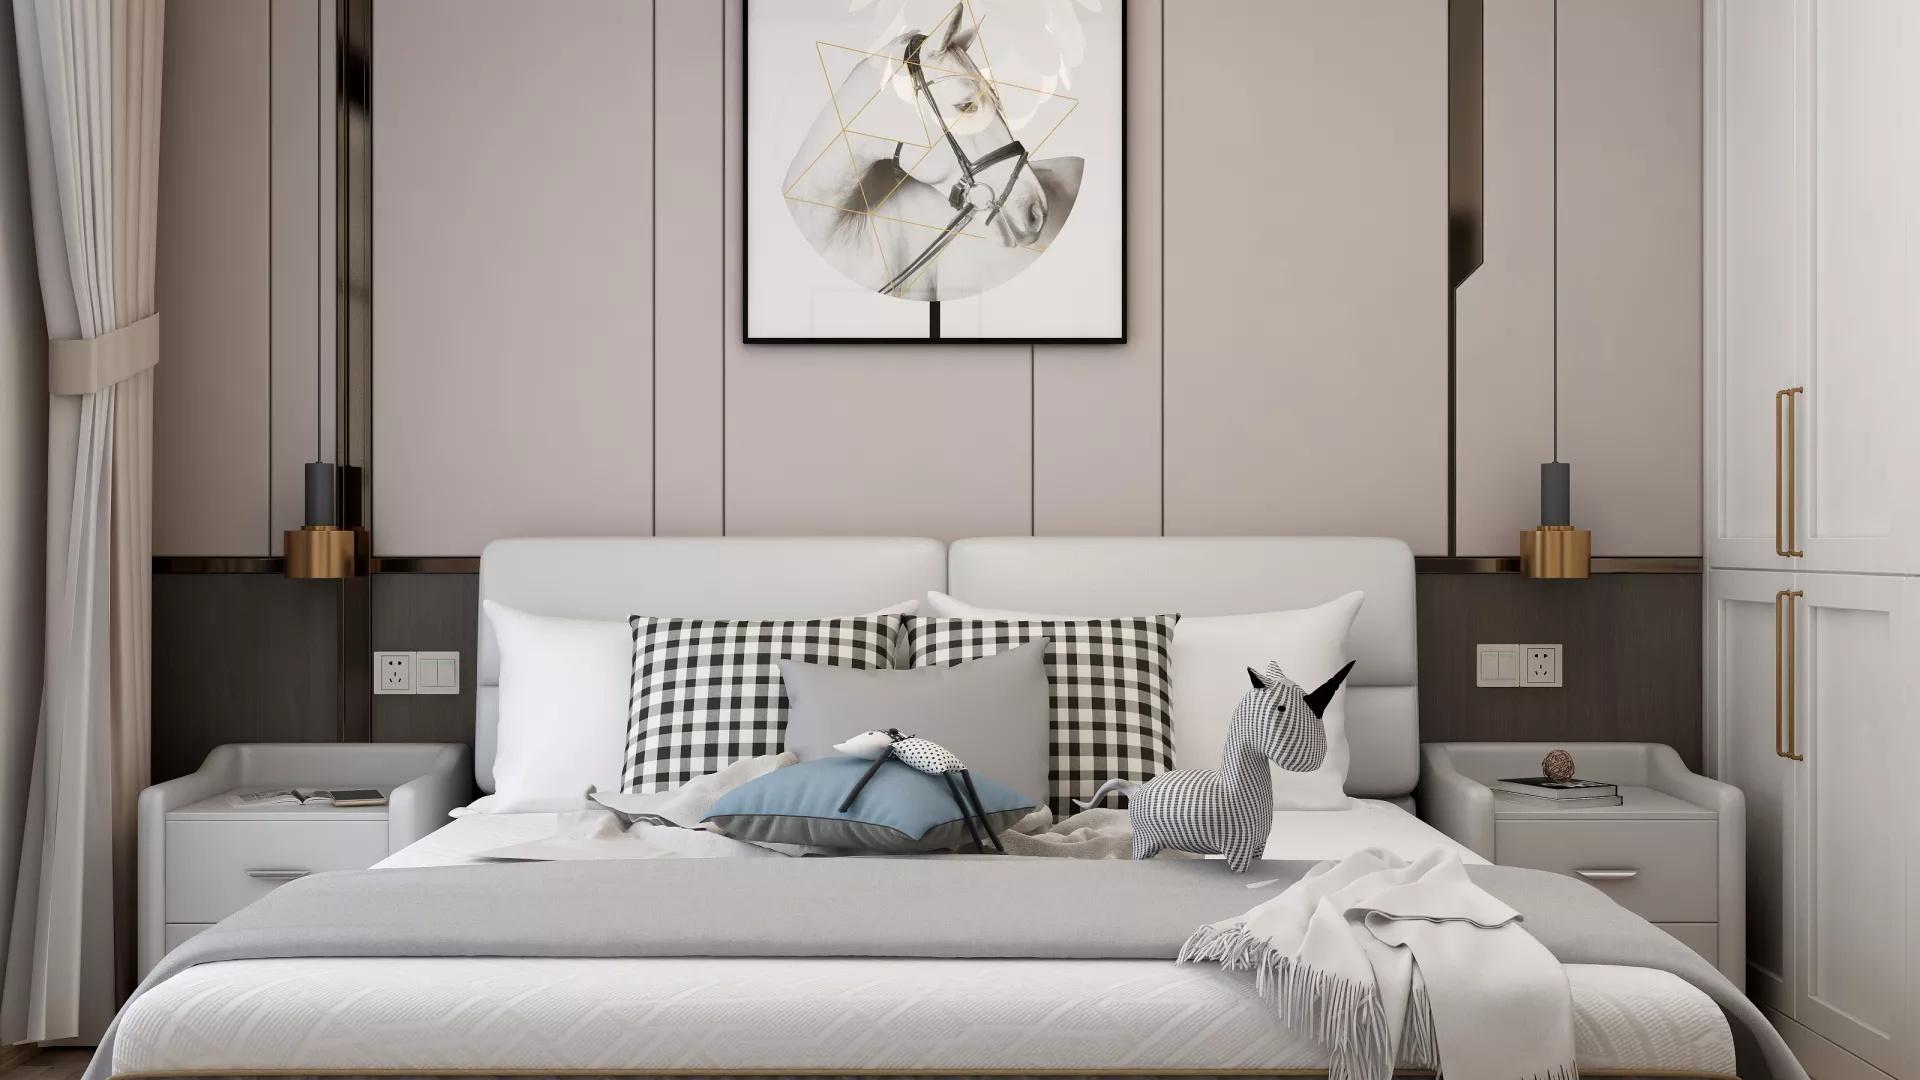 现代简约时尚家居三居室装修效果图